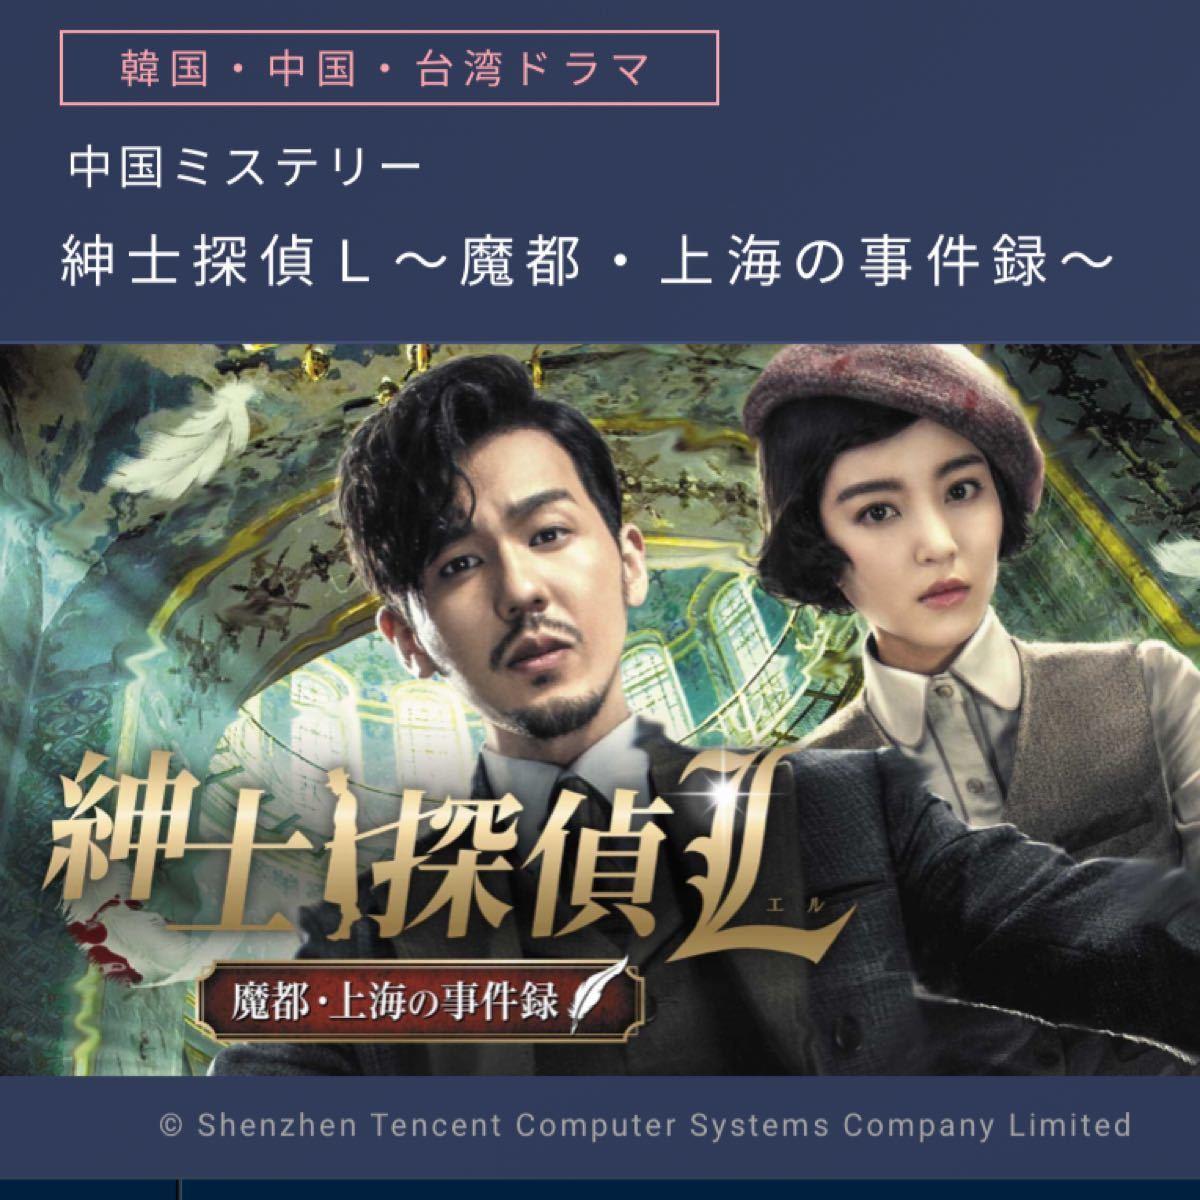 中国ドラマ 紳士探偵L〜魔都・上海の事件録〜【Blu-ray】